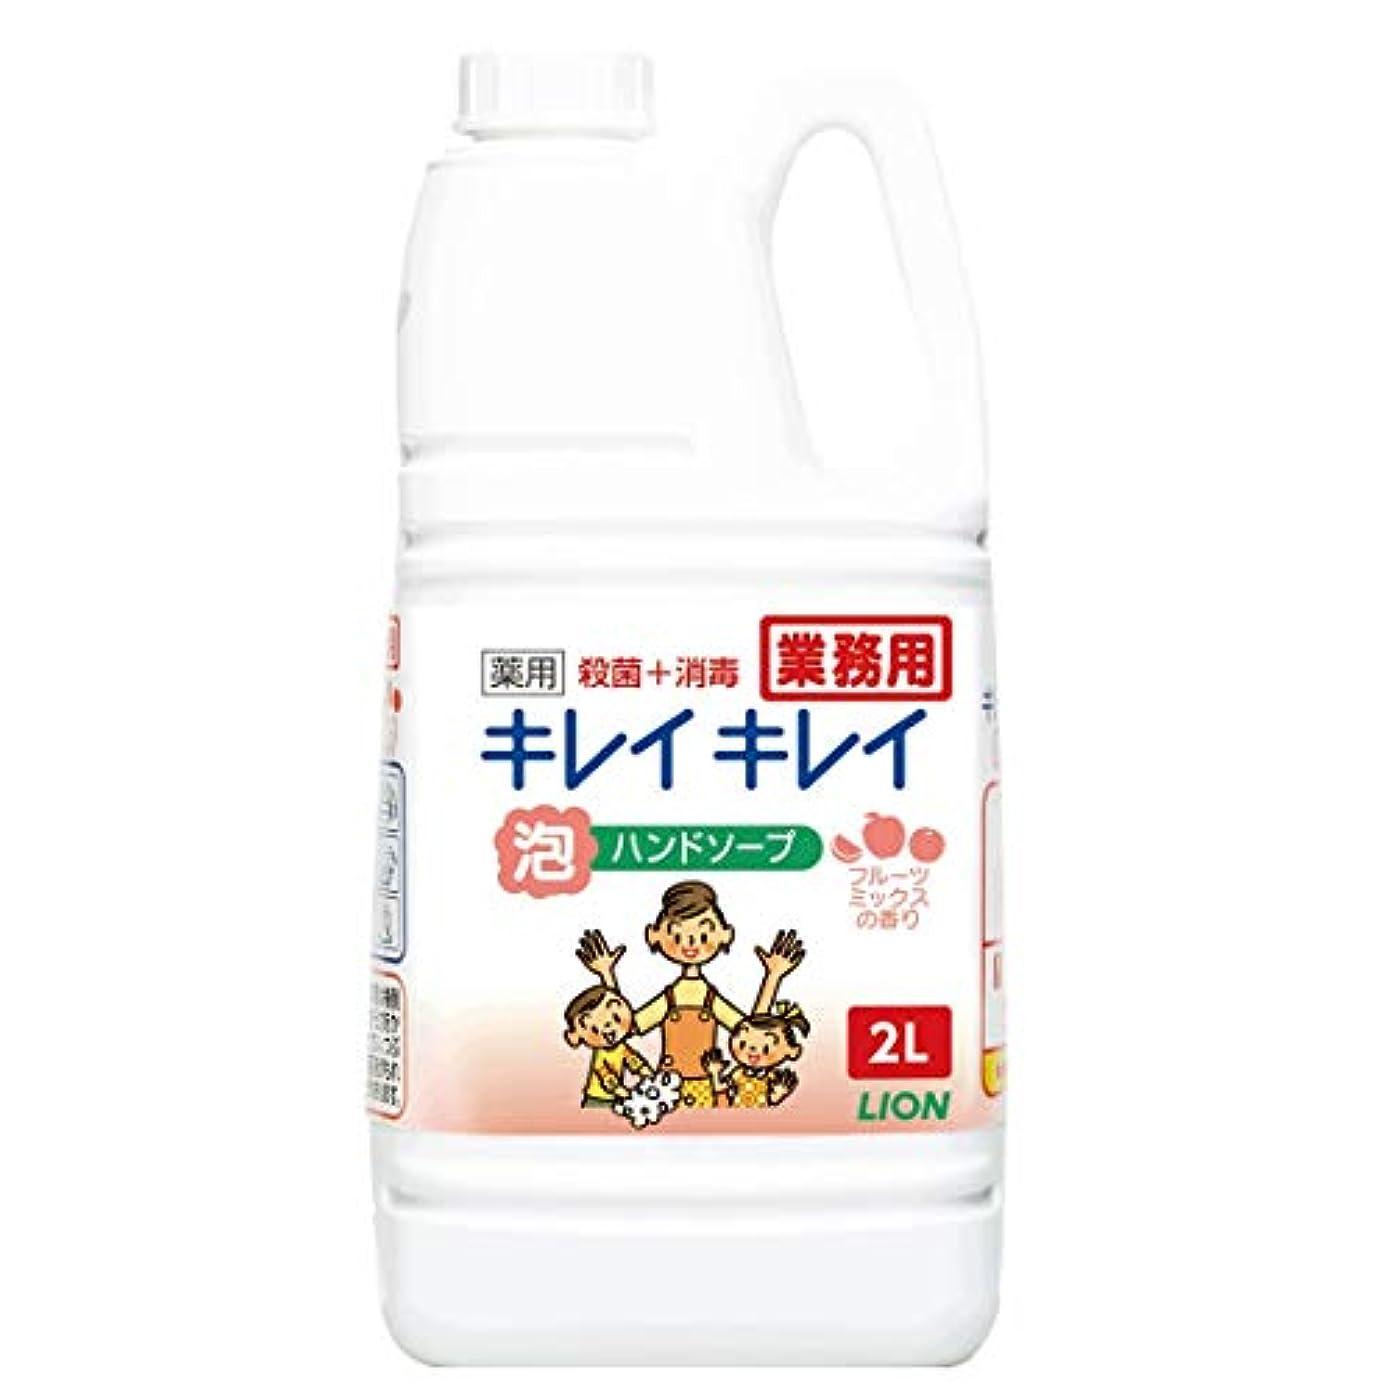 マラドロイトうねる出席【大容量】キレイキレイ 薬用泡ハンドソープ フルーツミックスの香り 2L